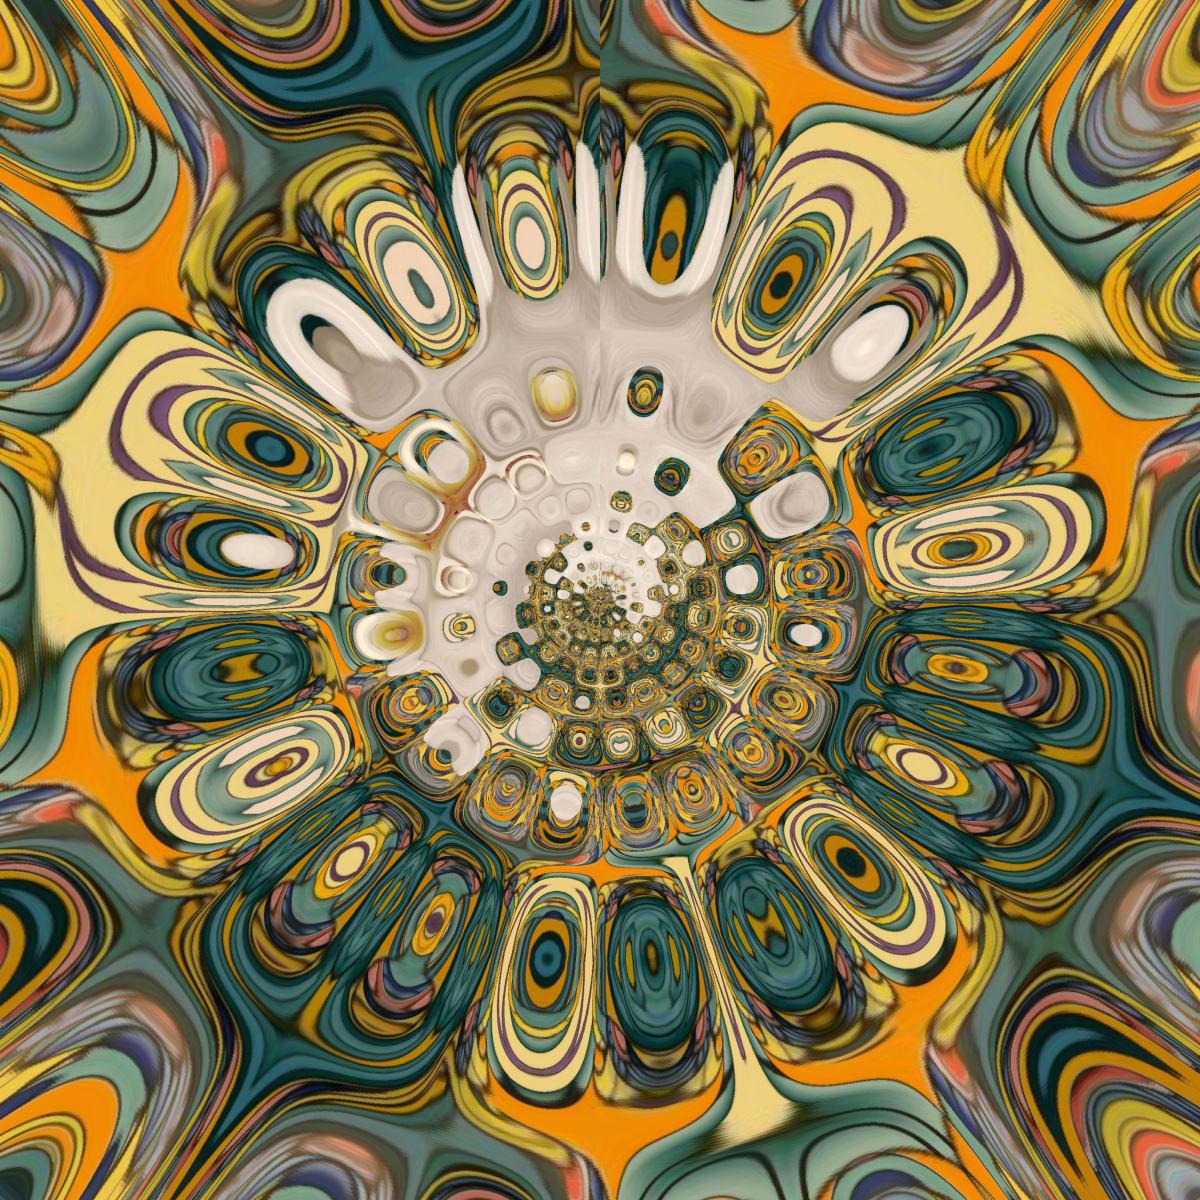 Kaleidoscope 13 by Y. Hope Osborn